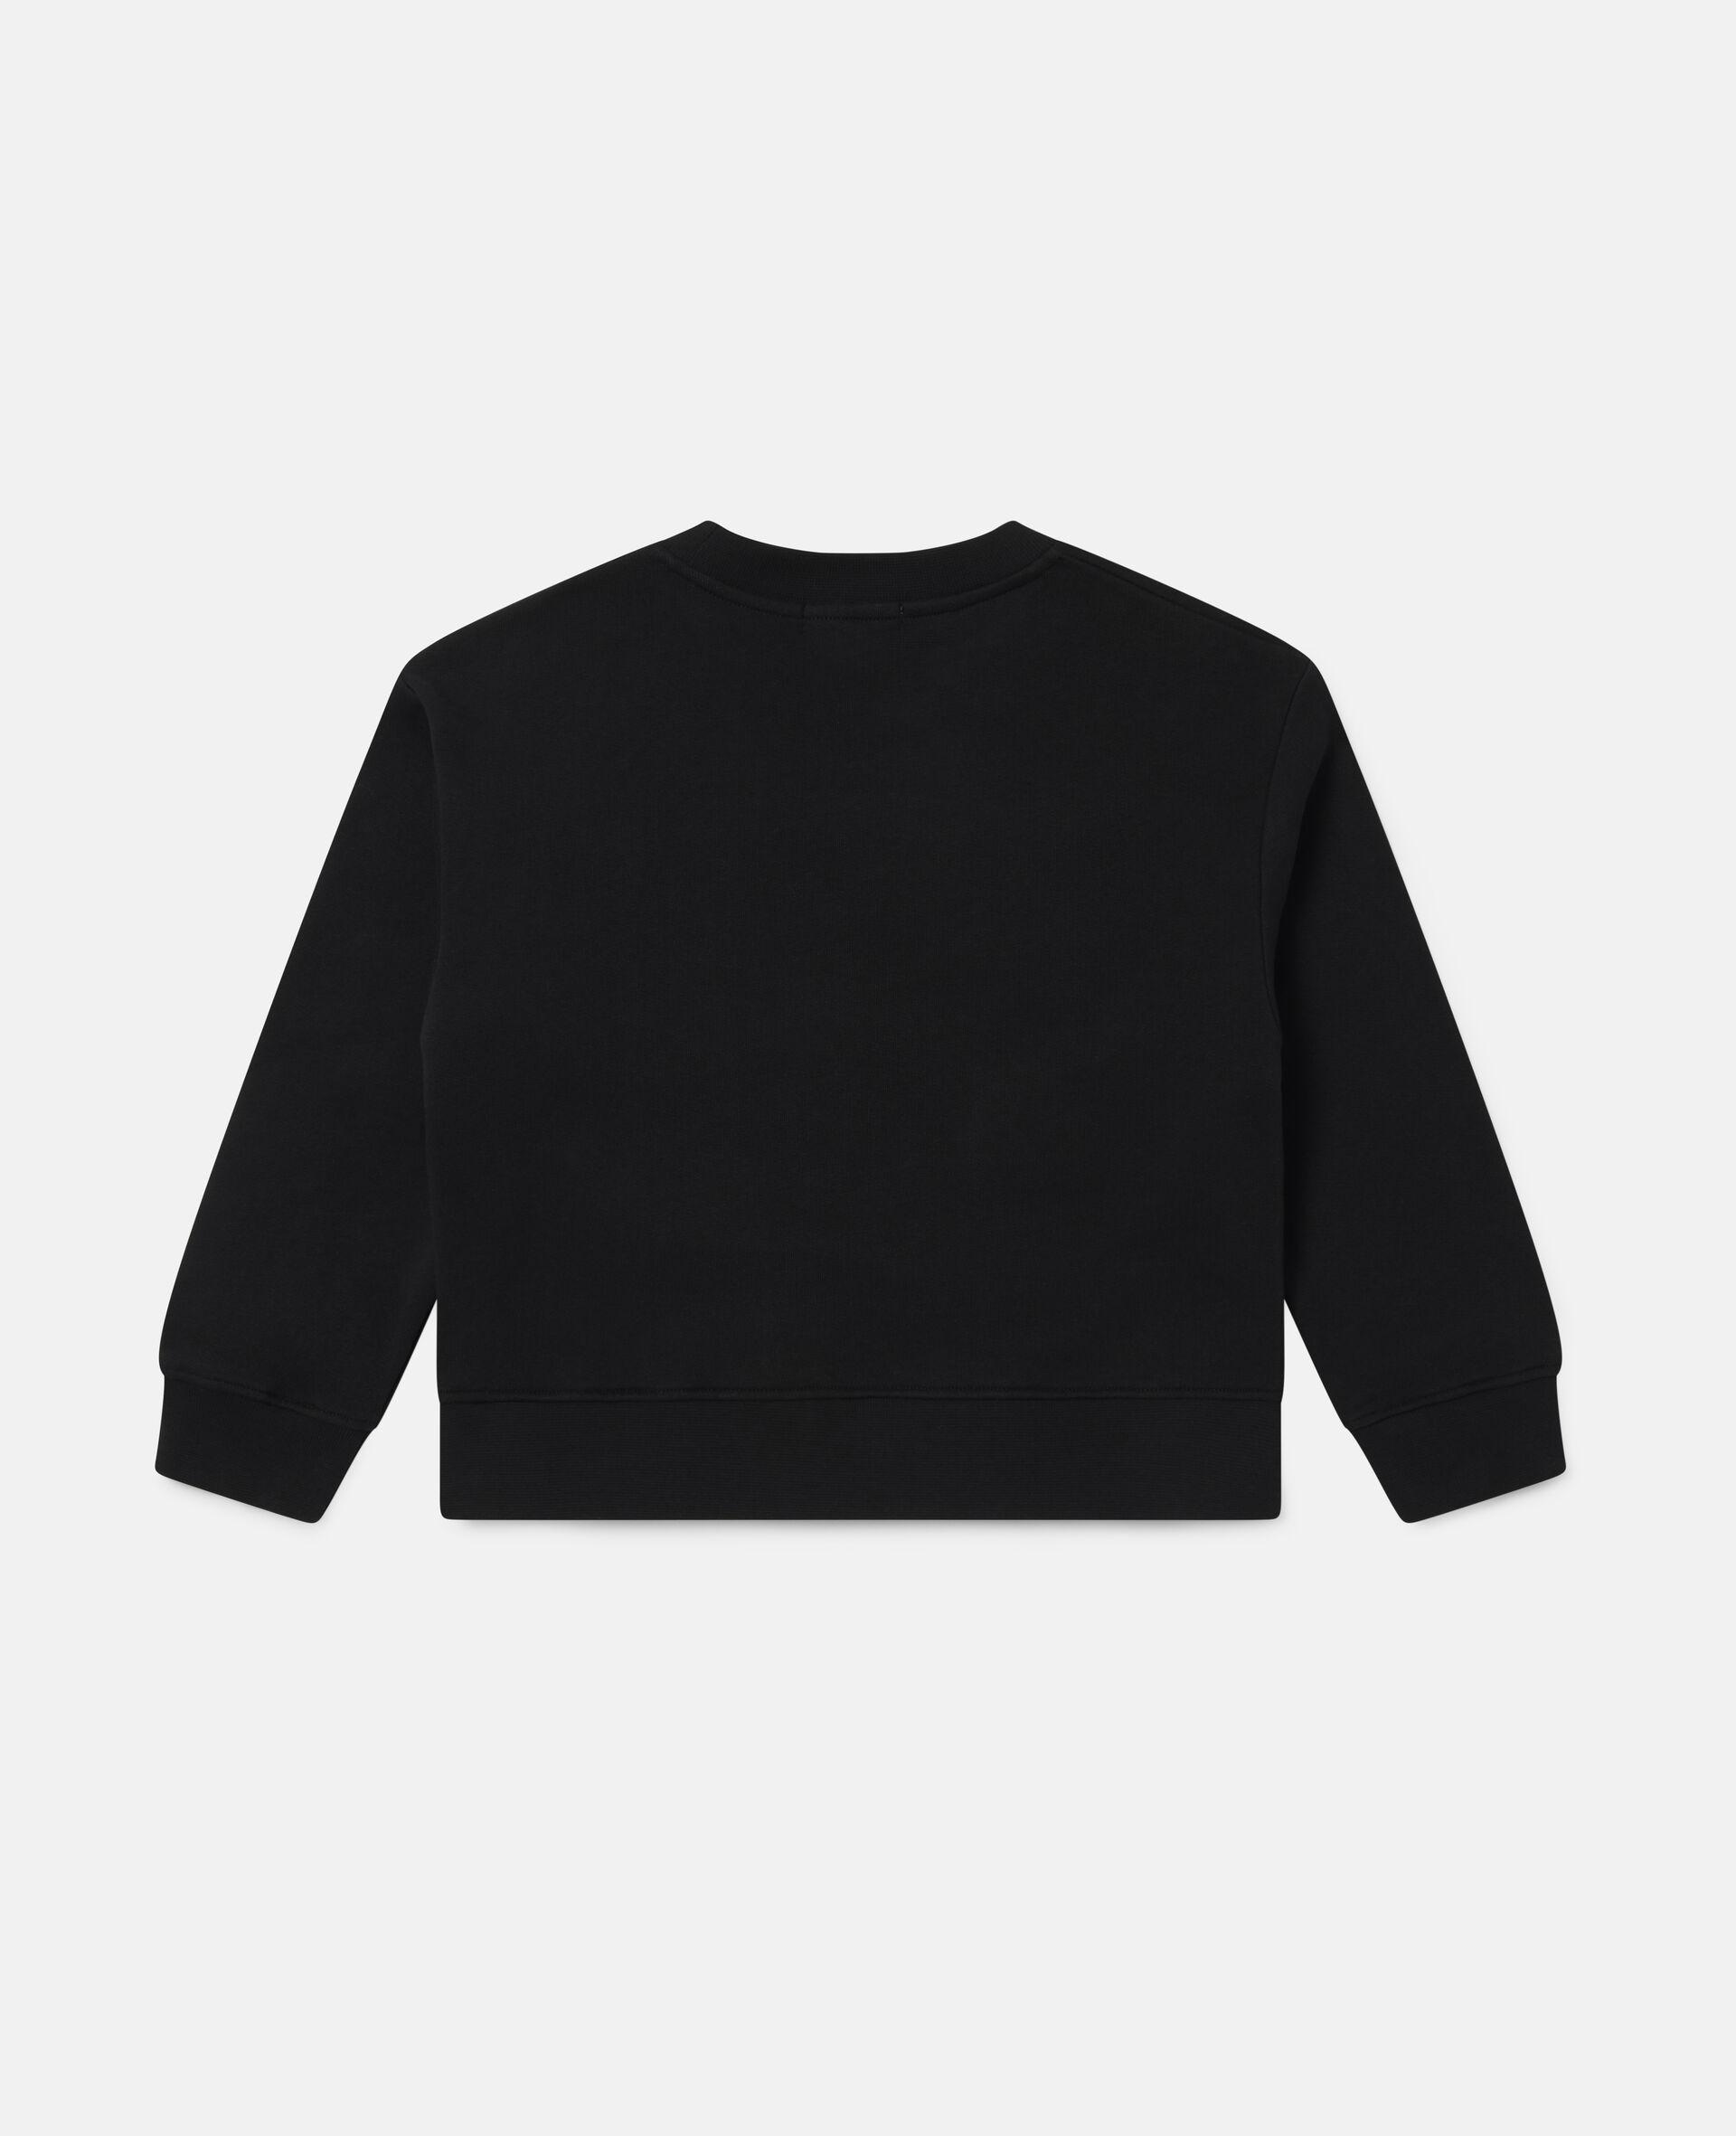 Übergroßes Sweatshirt aus Baumwollfleece mit gepunkteter Blume-Schwarz-large image number 3